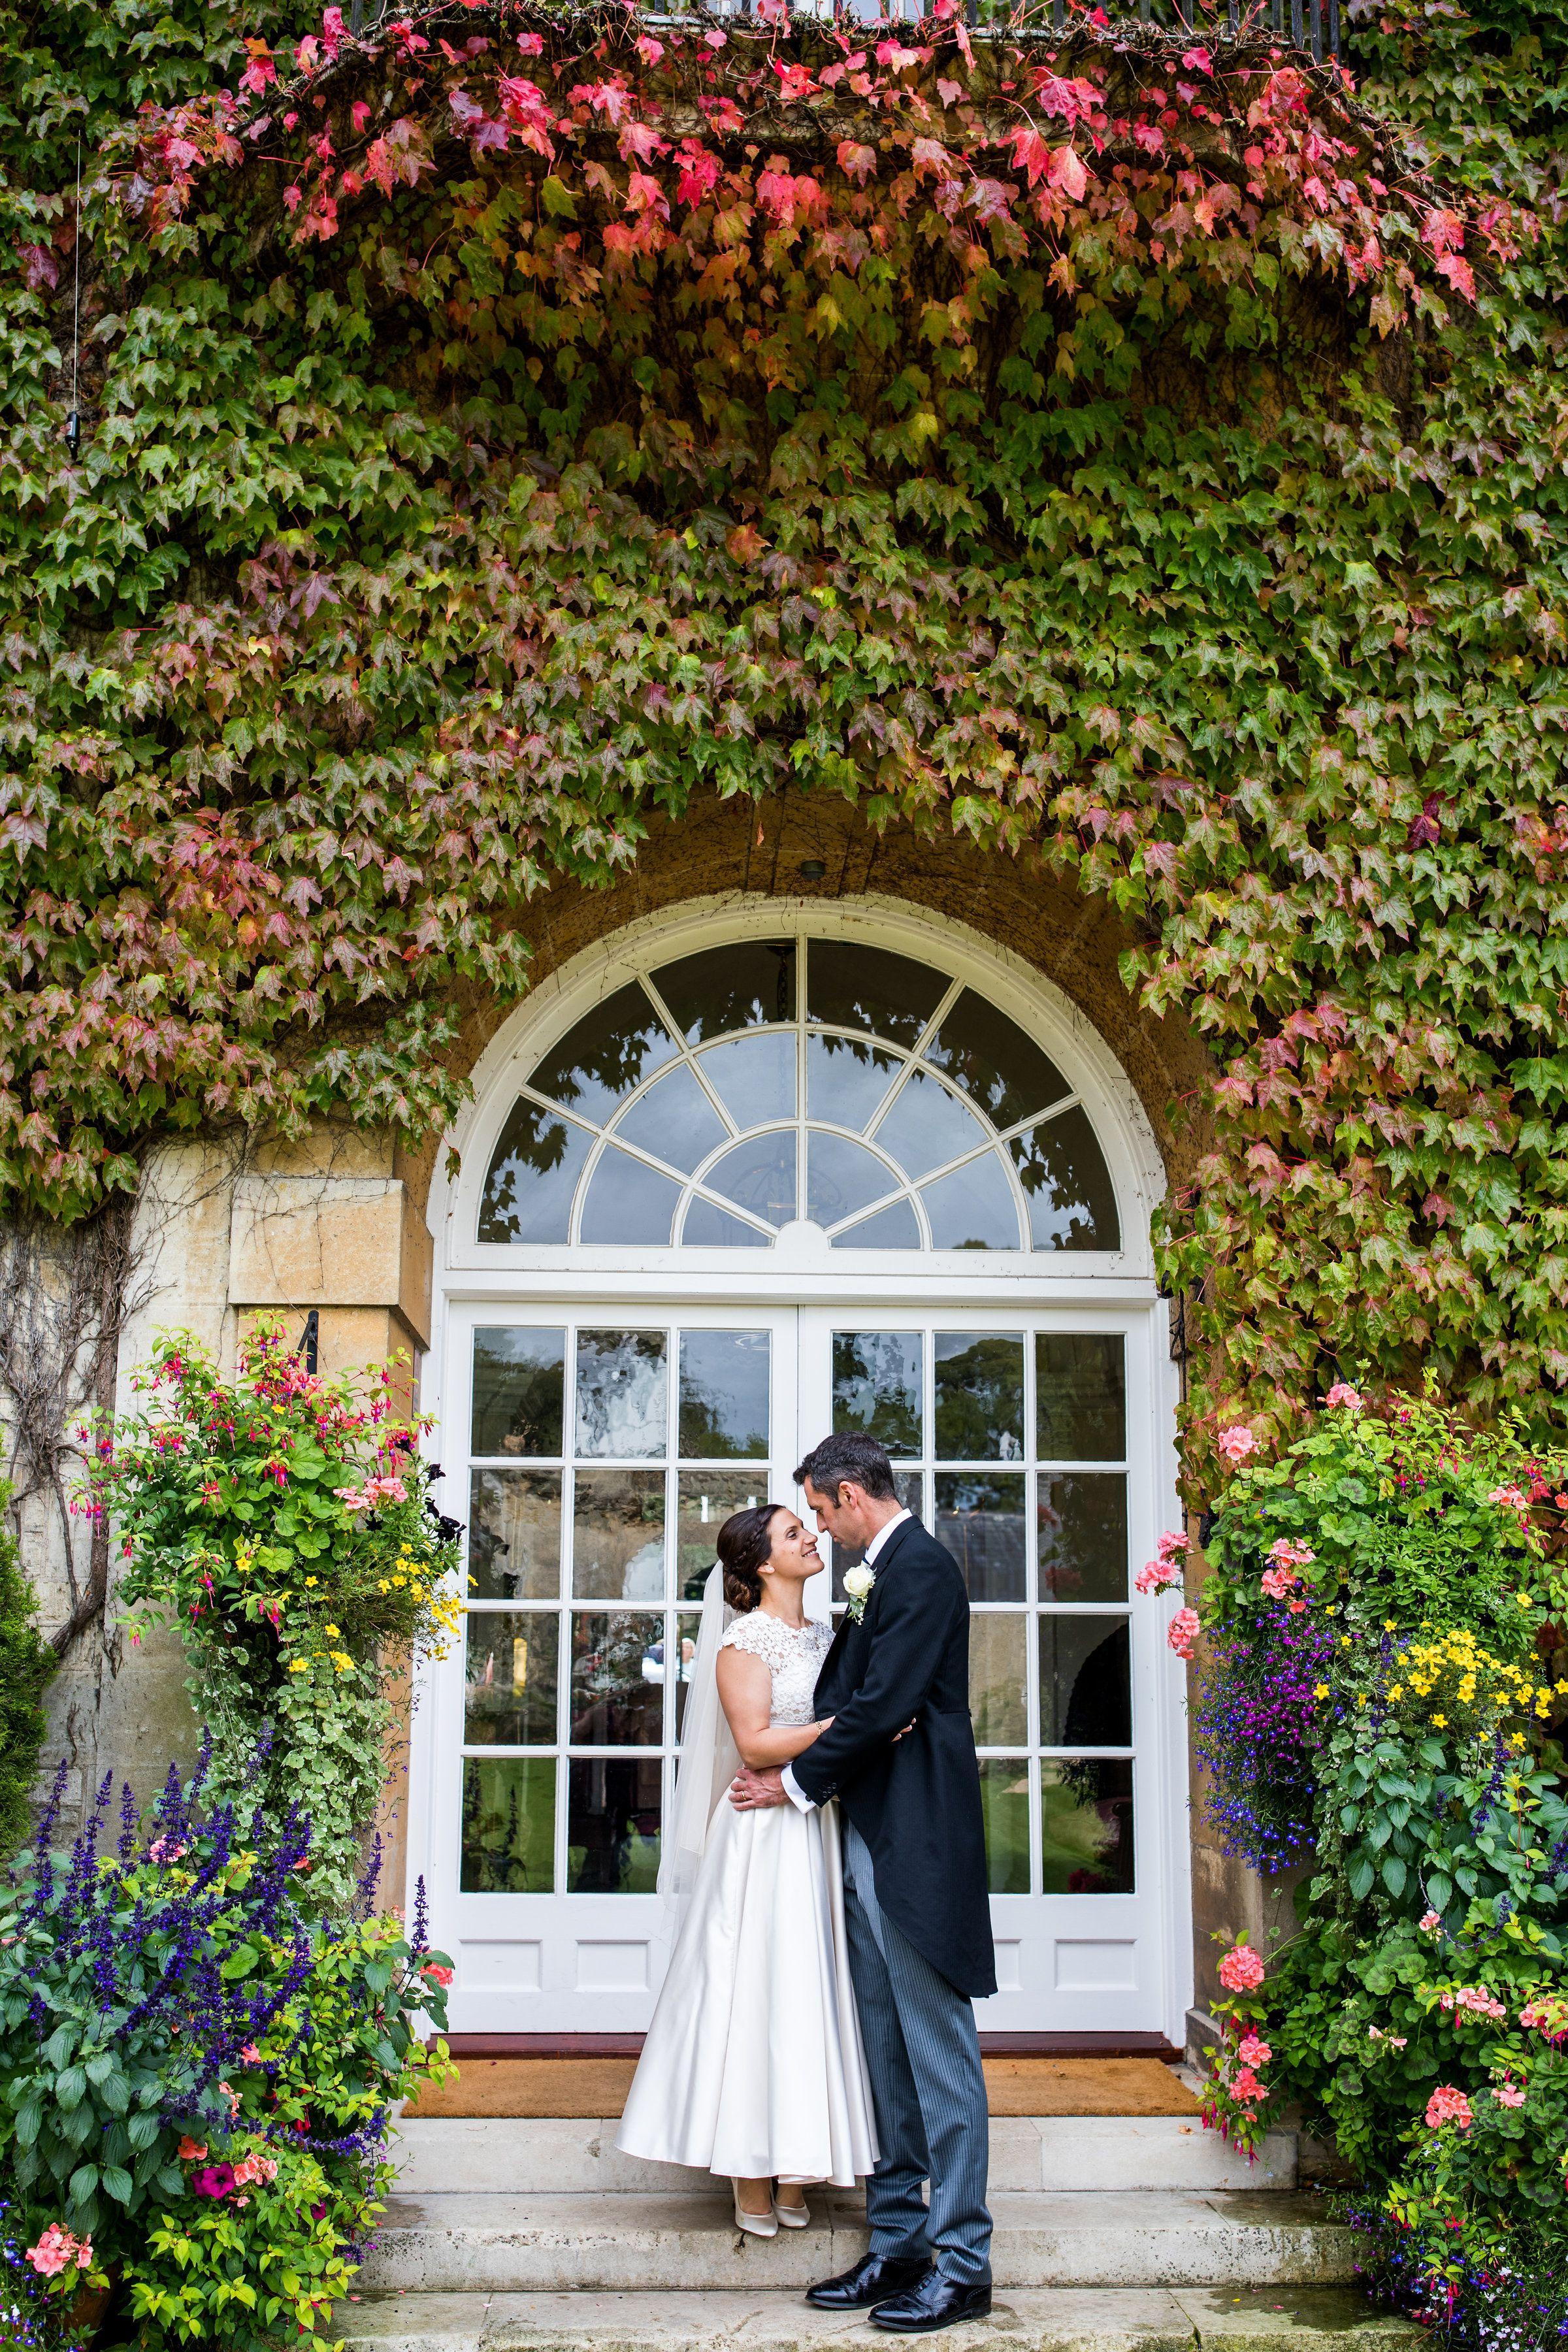 Wedding Venue near Bath England | Park hotel, Hotel spa ...